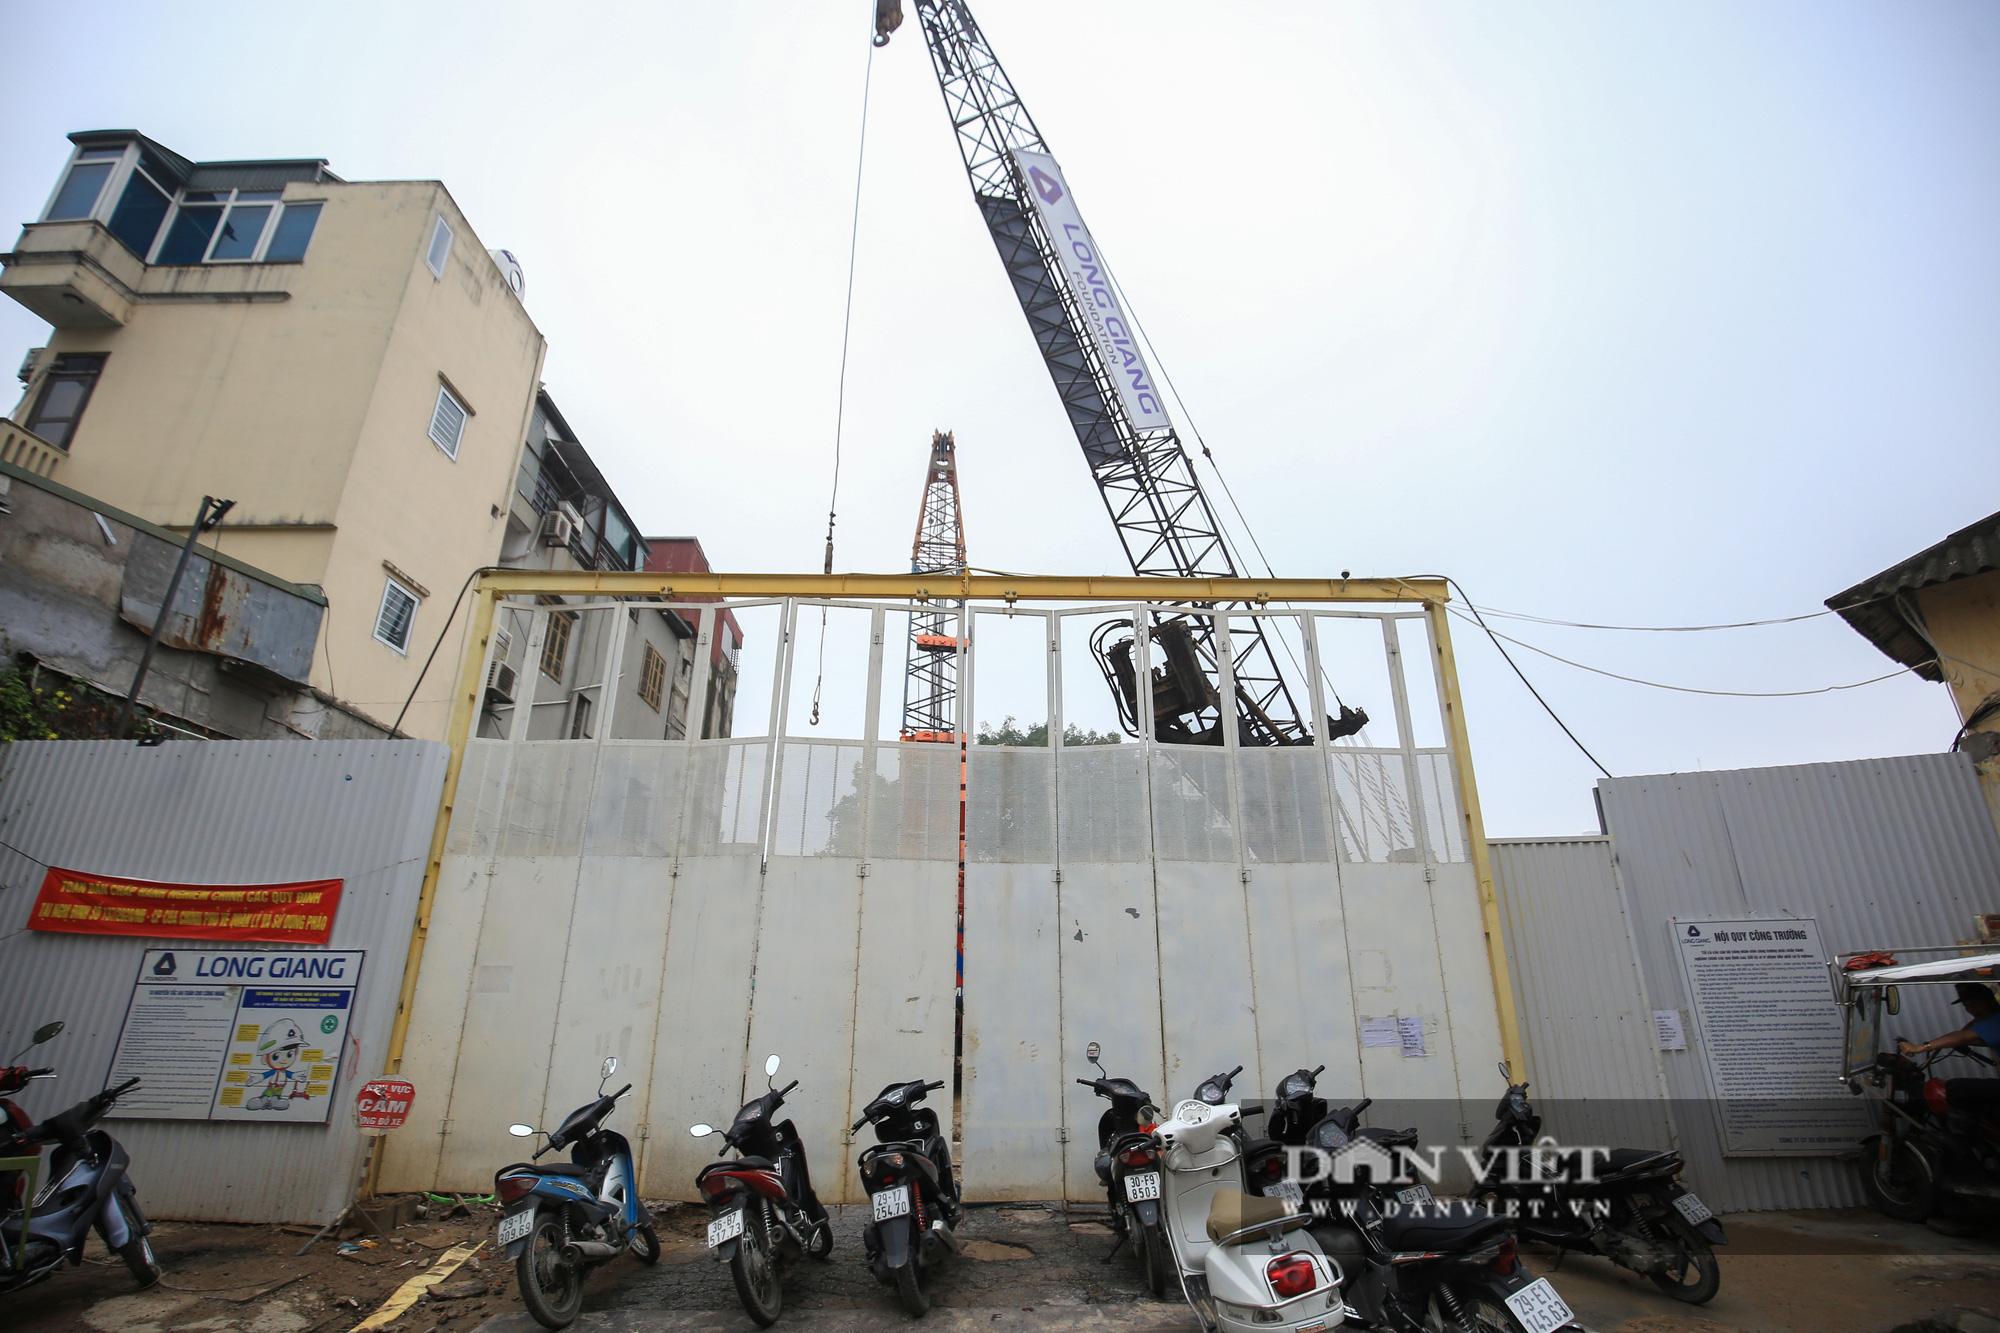 """Cận cảnh khu đất """"kim cương"""" hơn 30.000 m2 trên phố Nguyễn Thái Học - Ảnh 4."""